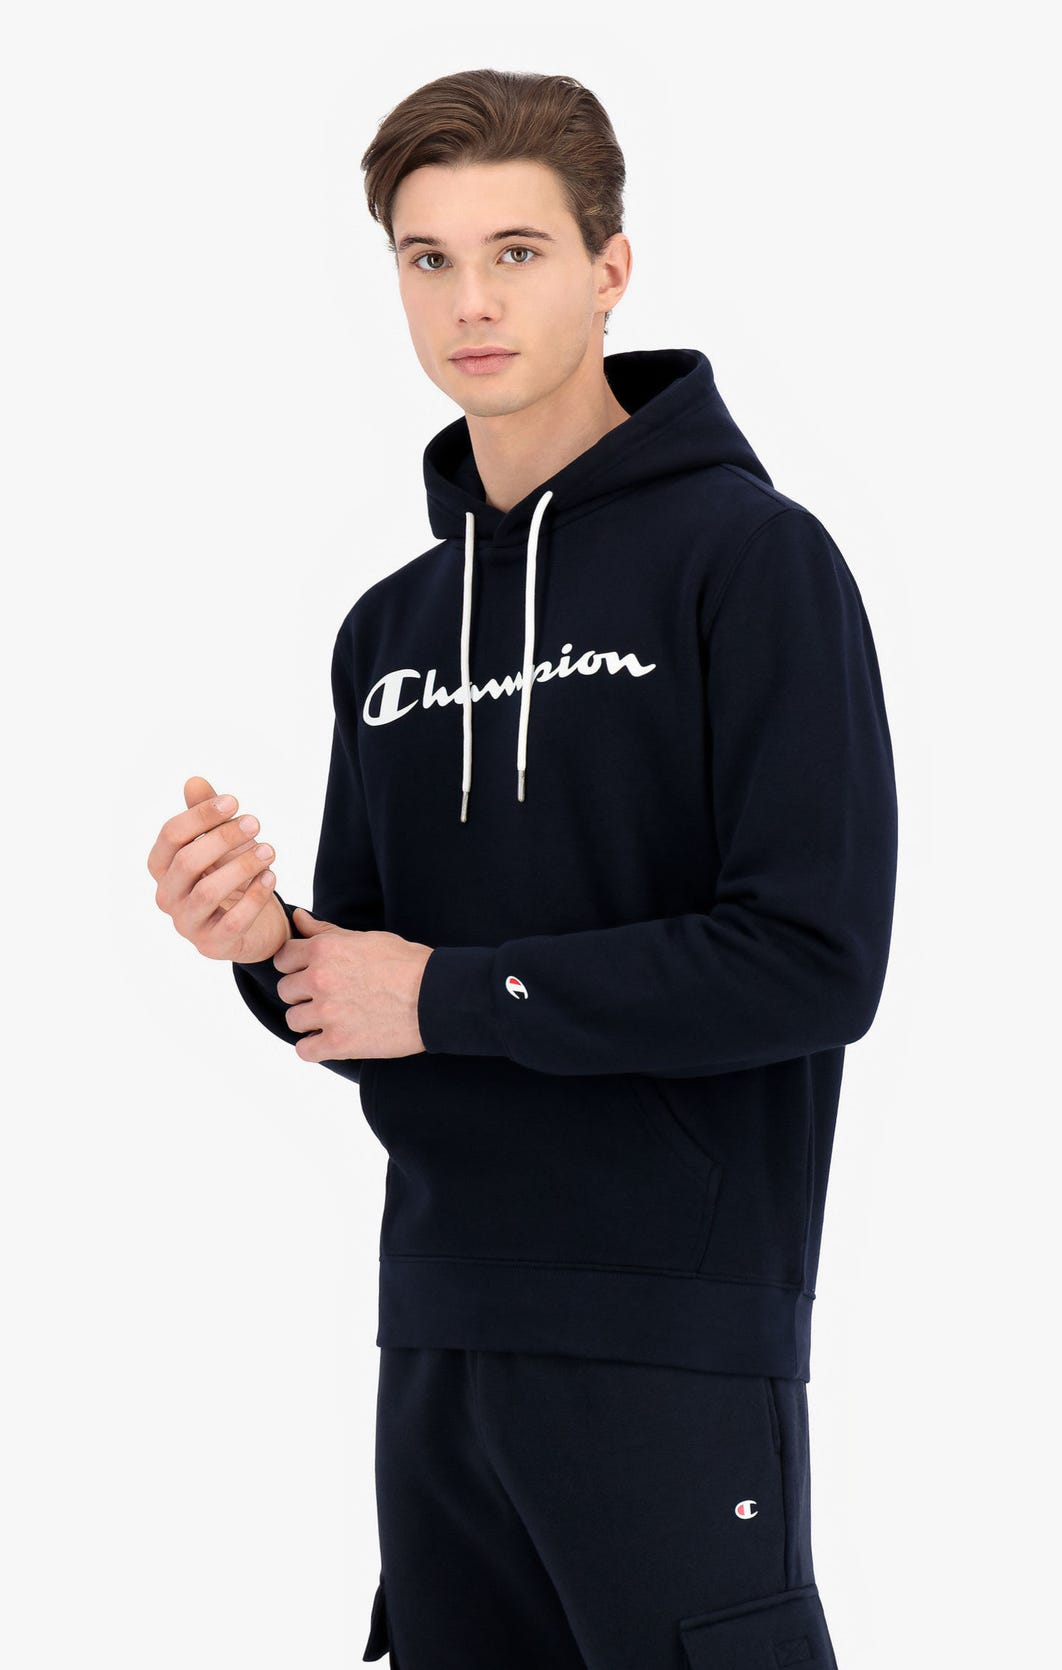 Champion Kapuzenpullover aus Baumwollfrottee mit Printlogo-Schriftzug dunkelblau